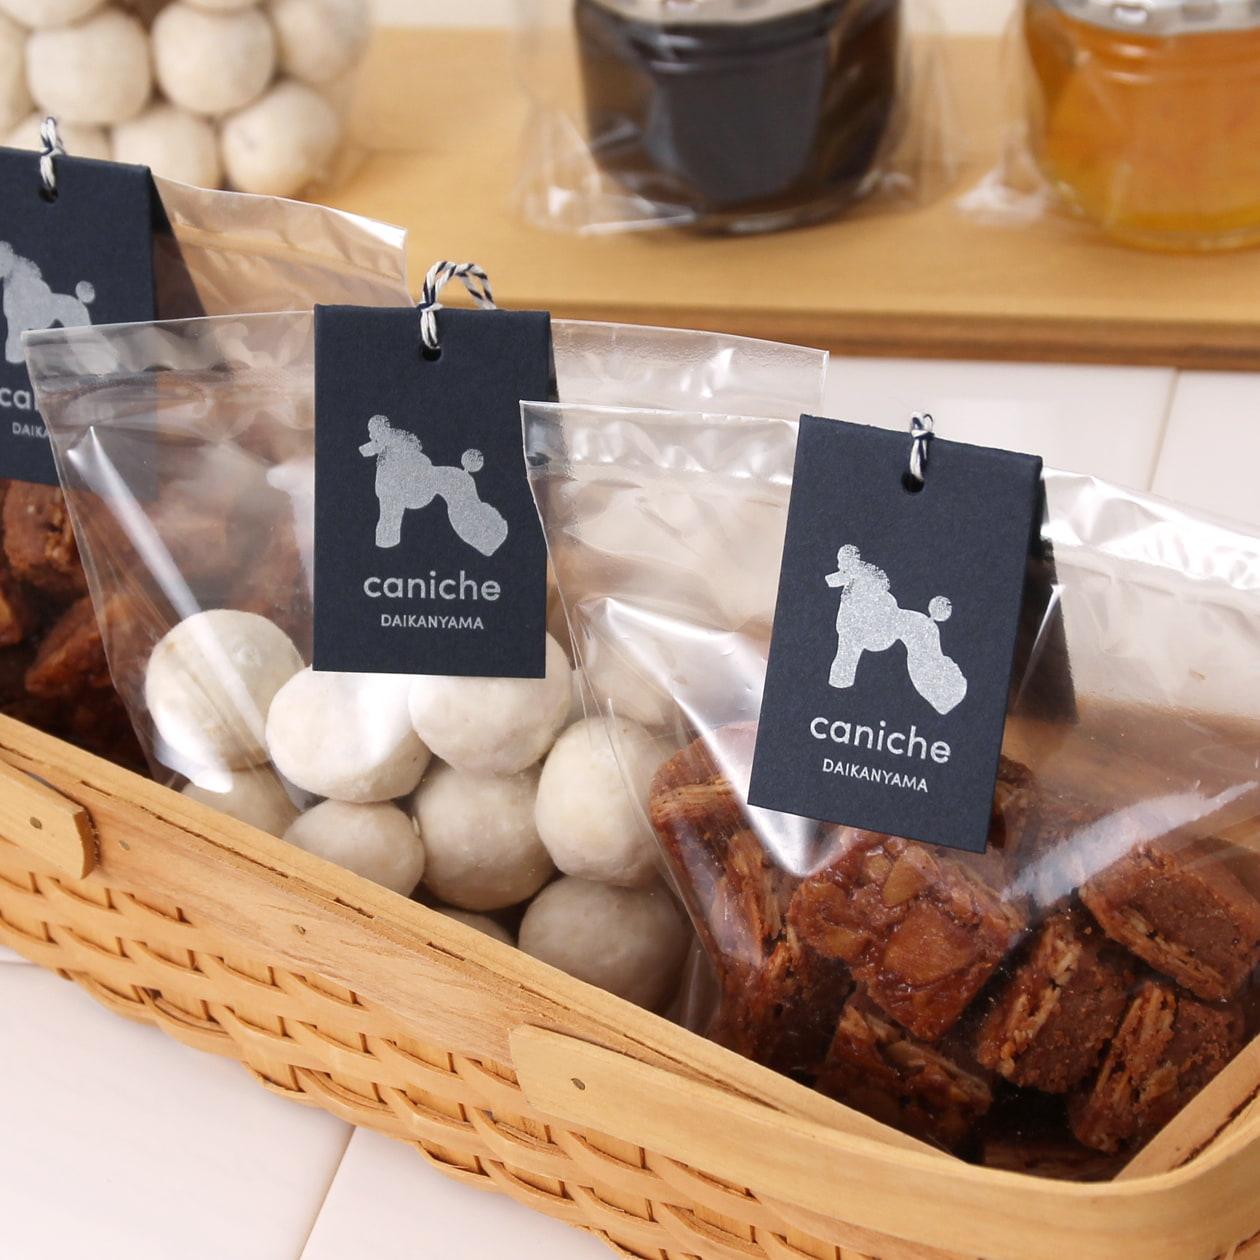 洋菓子屋の商品用二つ折タグ